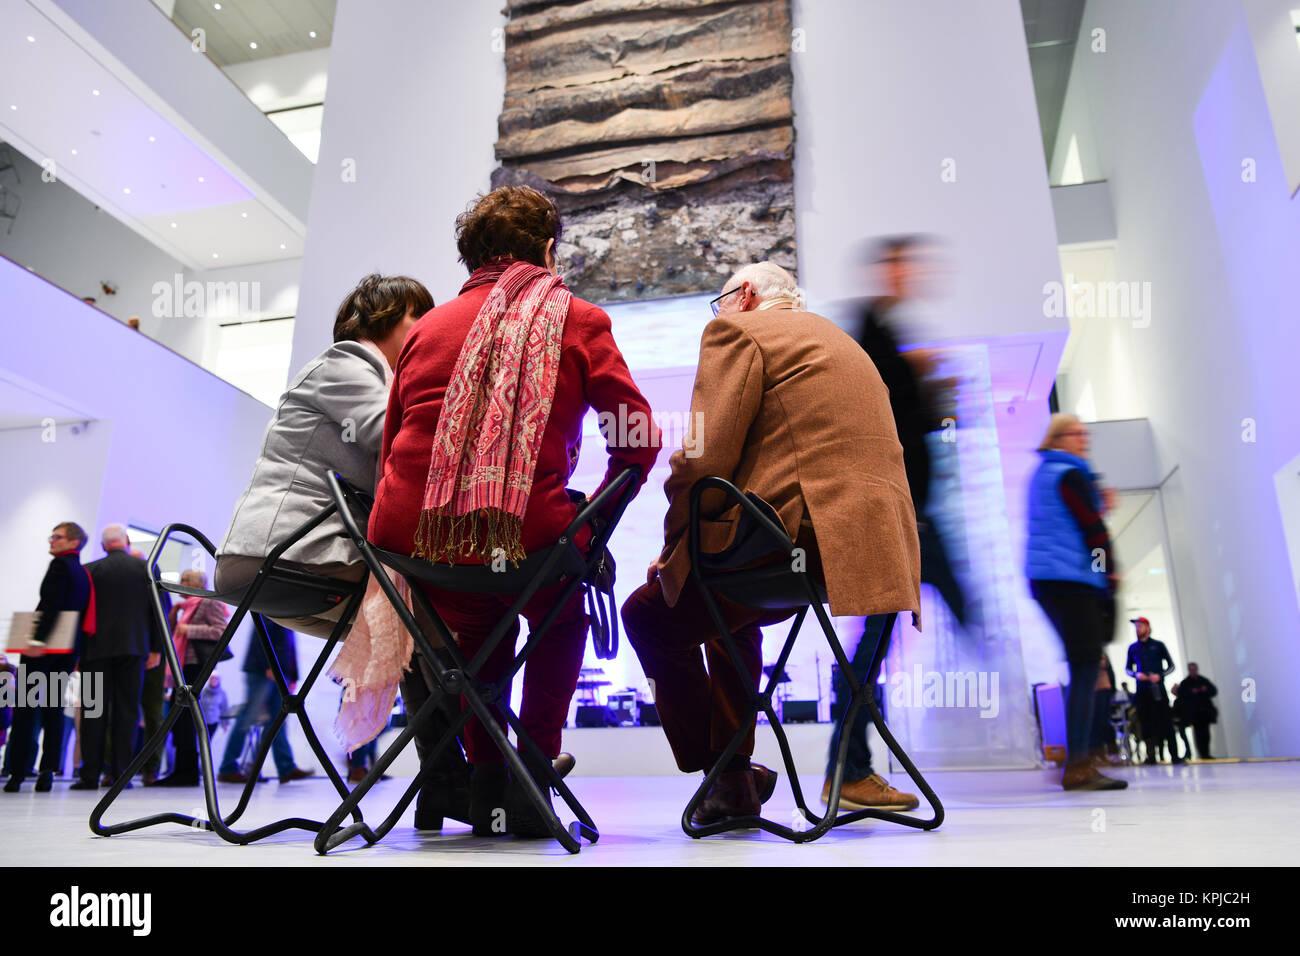 """Mannheim, Germania. 15 Dic, 2017. Gli ospiti seduti accanto all'artista Anselm Kiefer pezzo intitolato """"efiroth' Immagini Stock"""